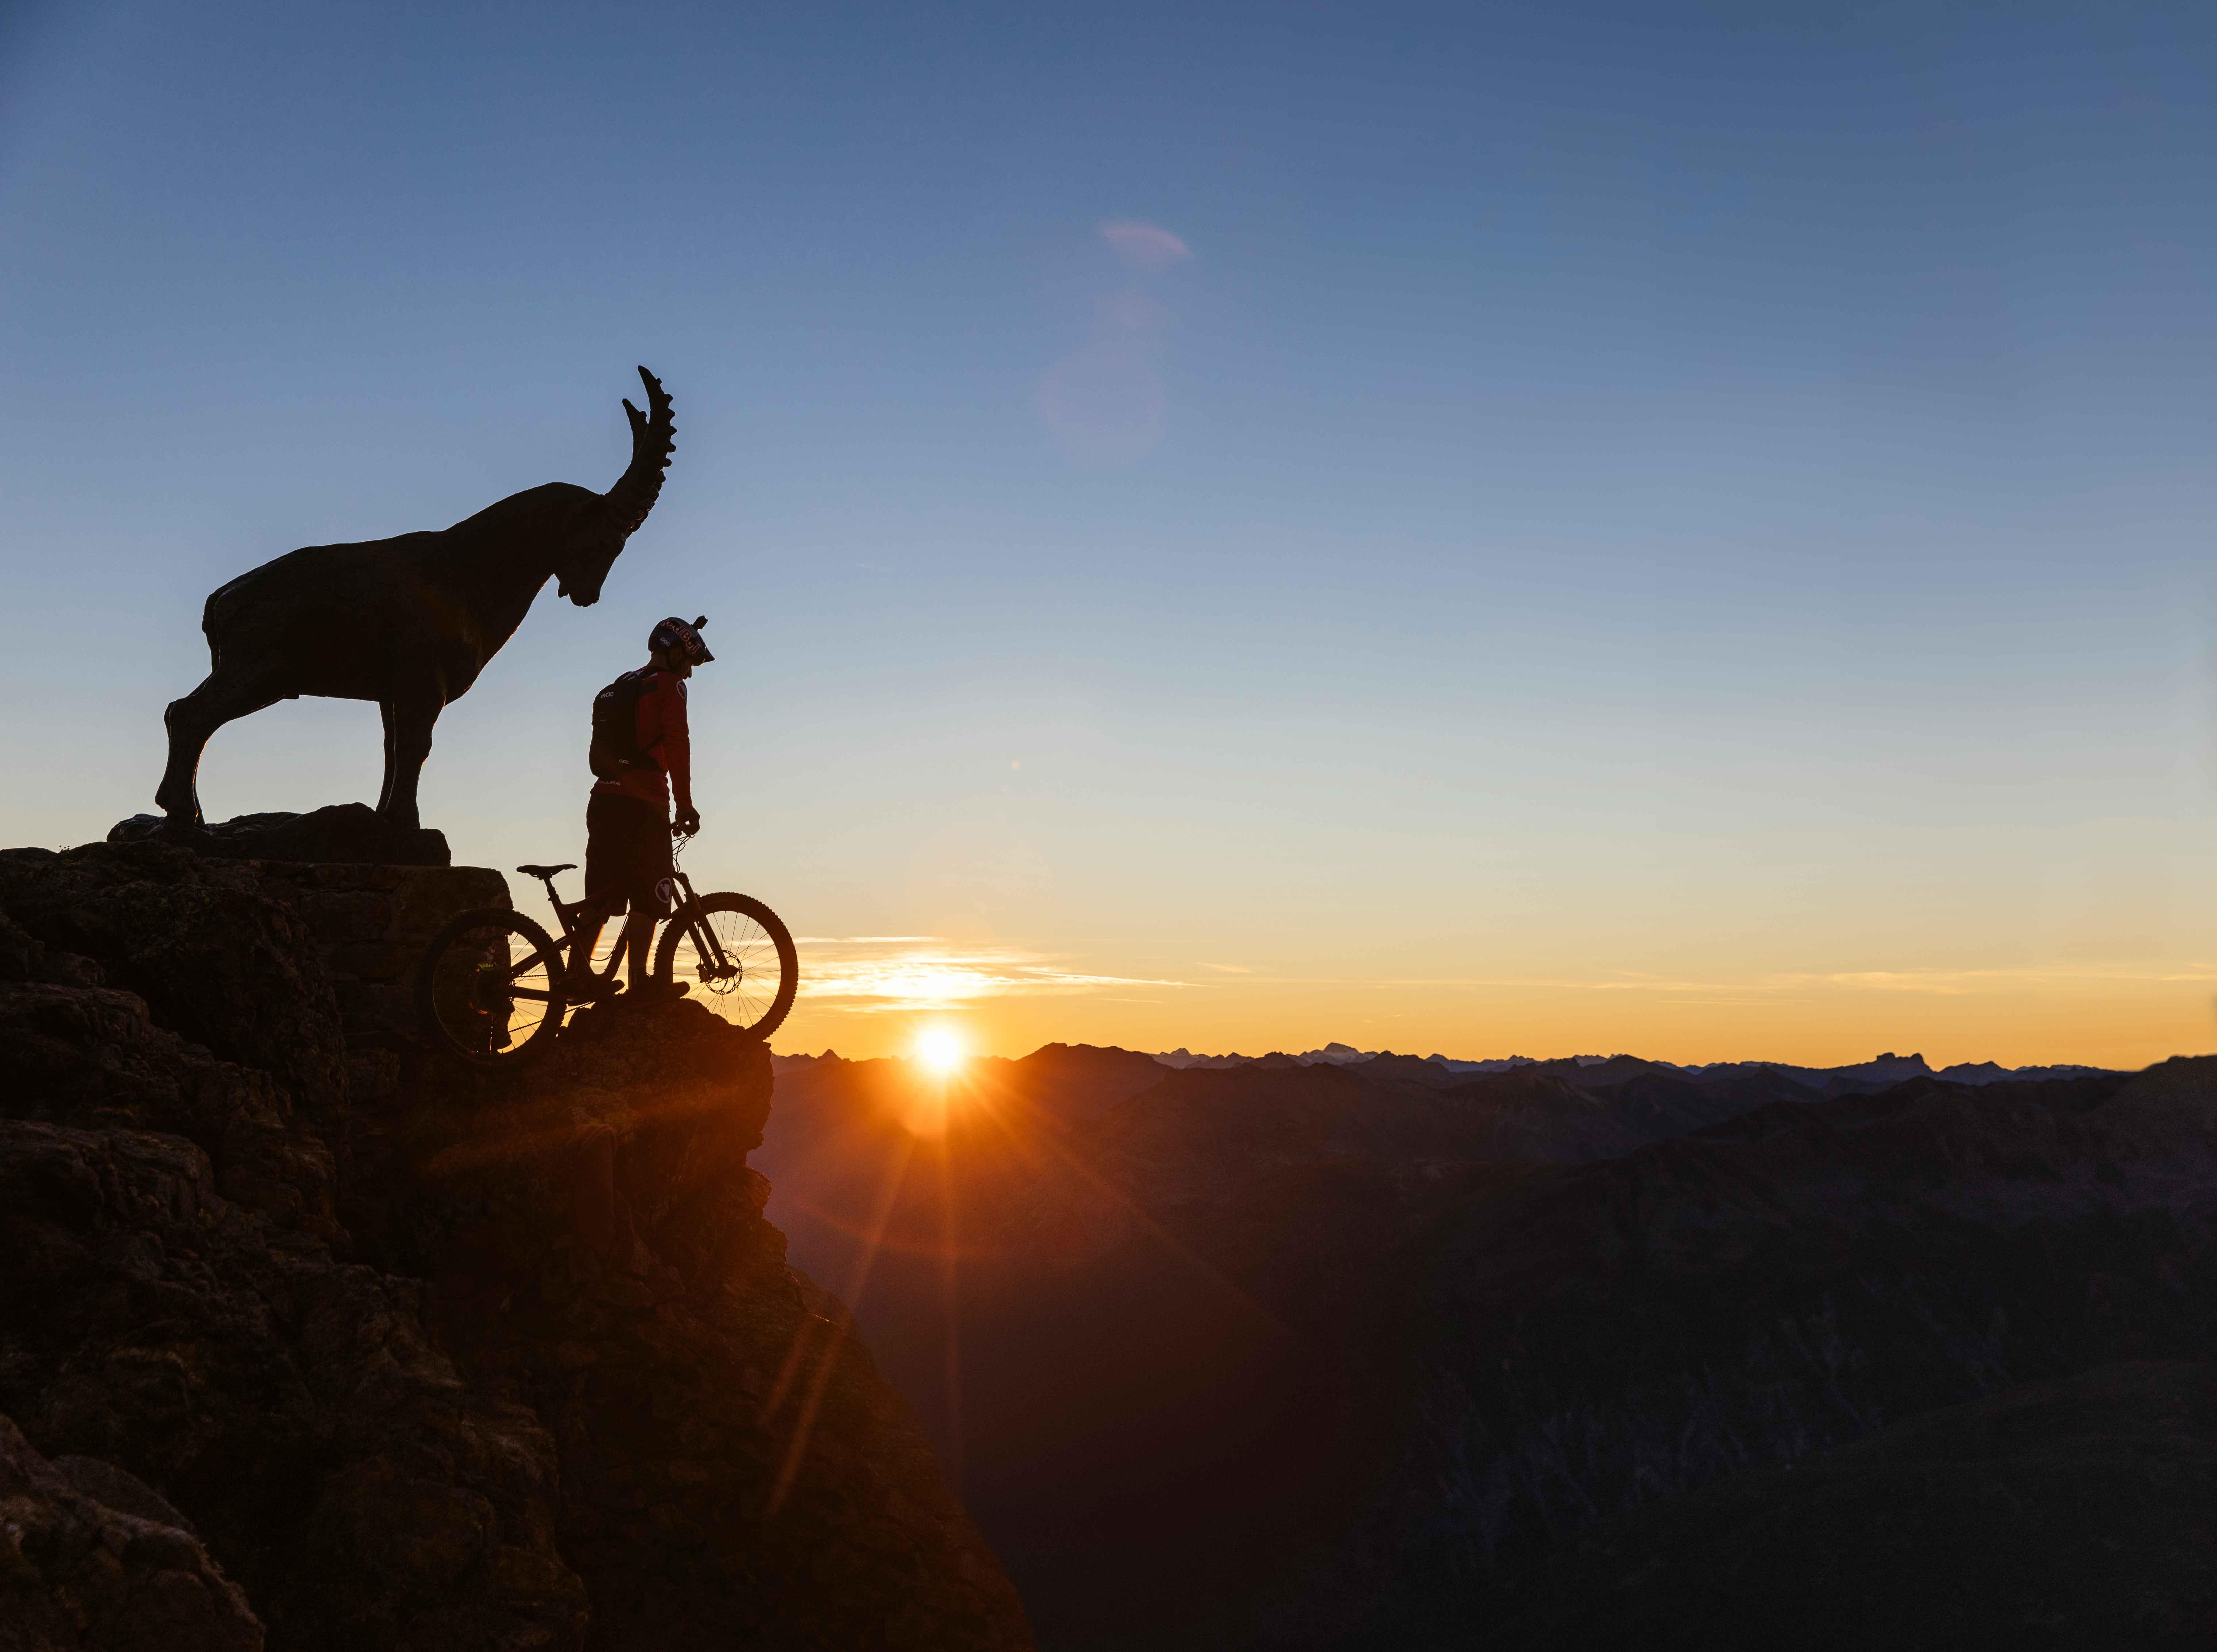 Piz Nair Sunrise (3,057m)